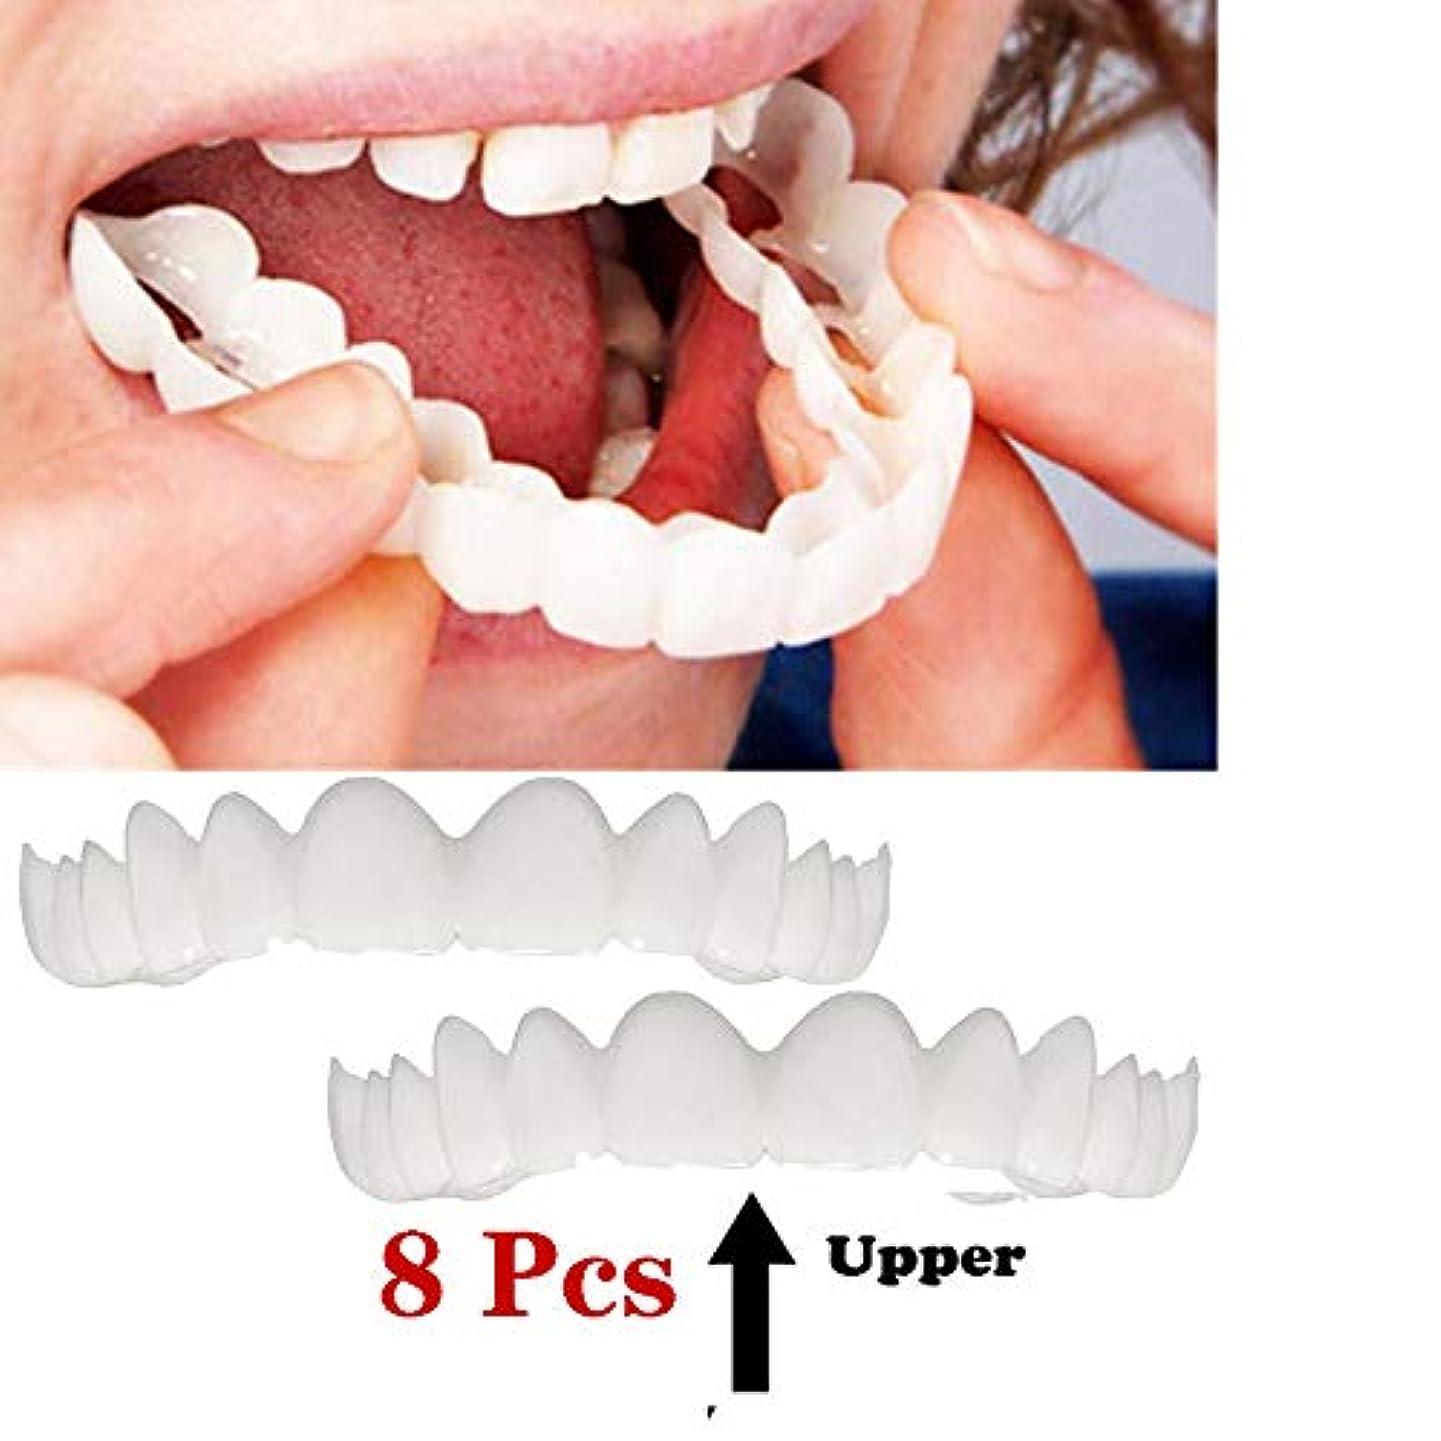 モーター取得ポーター8ピース突き板歯仮化粧品歯義歯歯模擬ブレースアッパーブレースホワイトニング歯スナップキャップインスタント快適なフレックスパーフェクトベニア